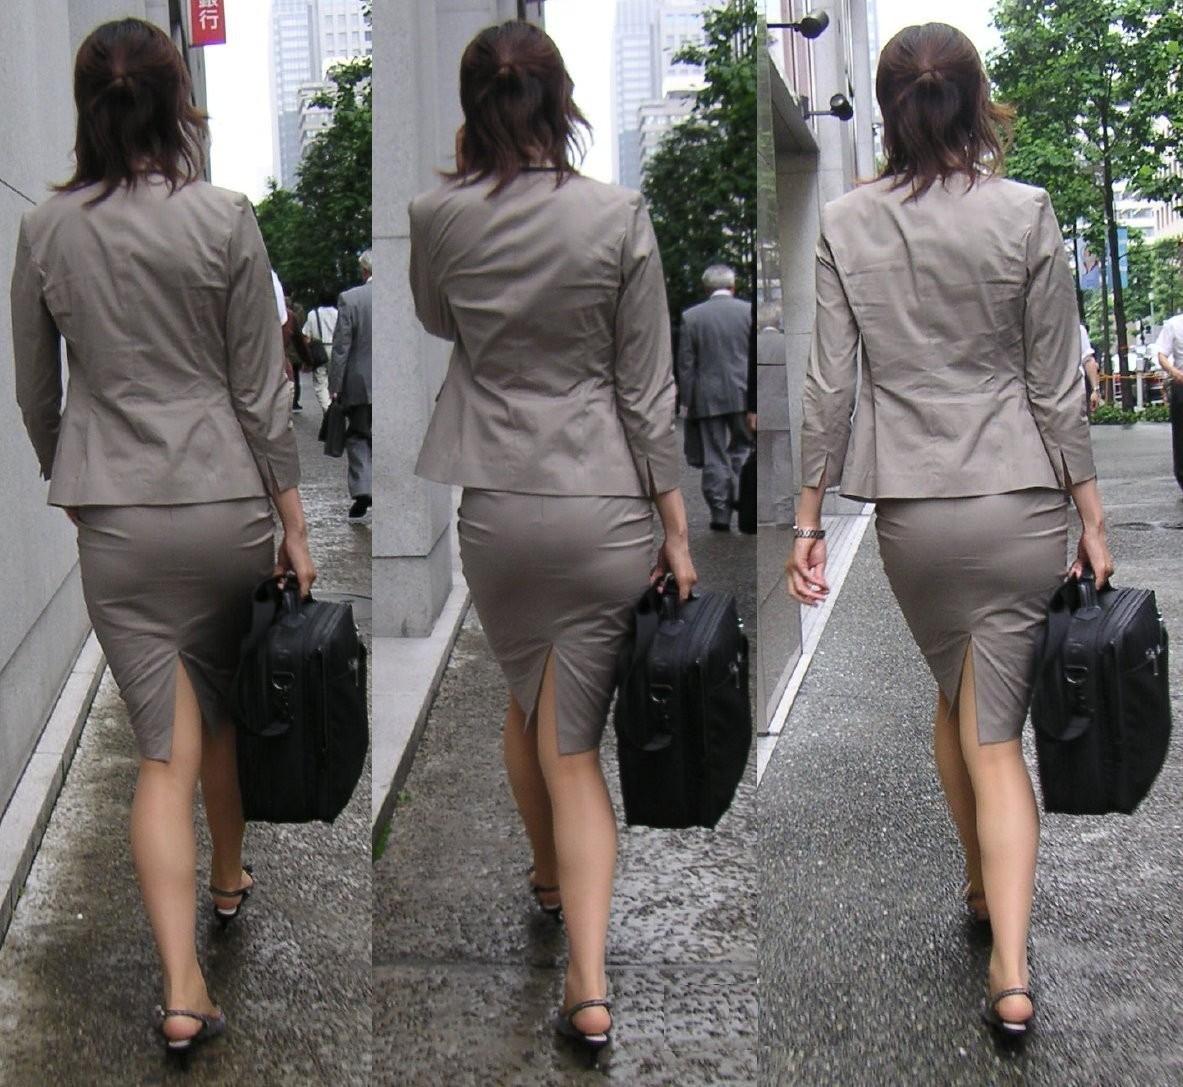 歩くタイトスカート尻OLお姉さんを街撮り盗撮のエロ画像4枚目